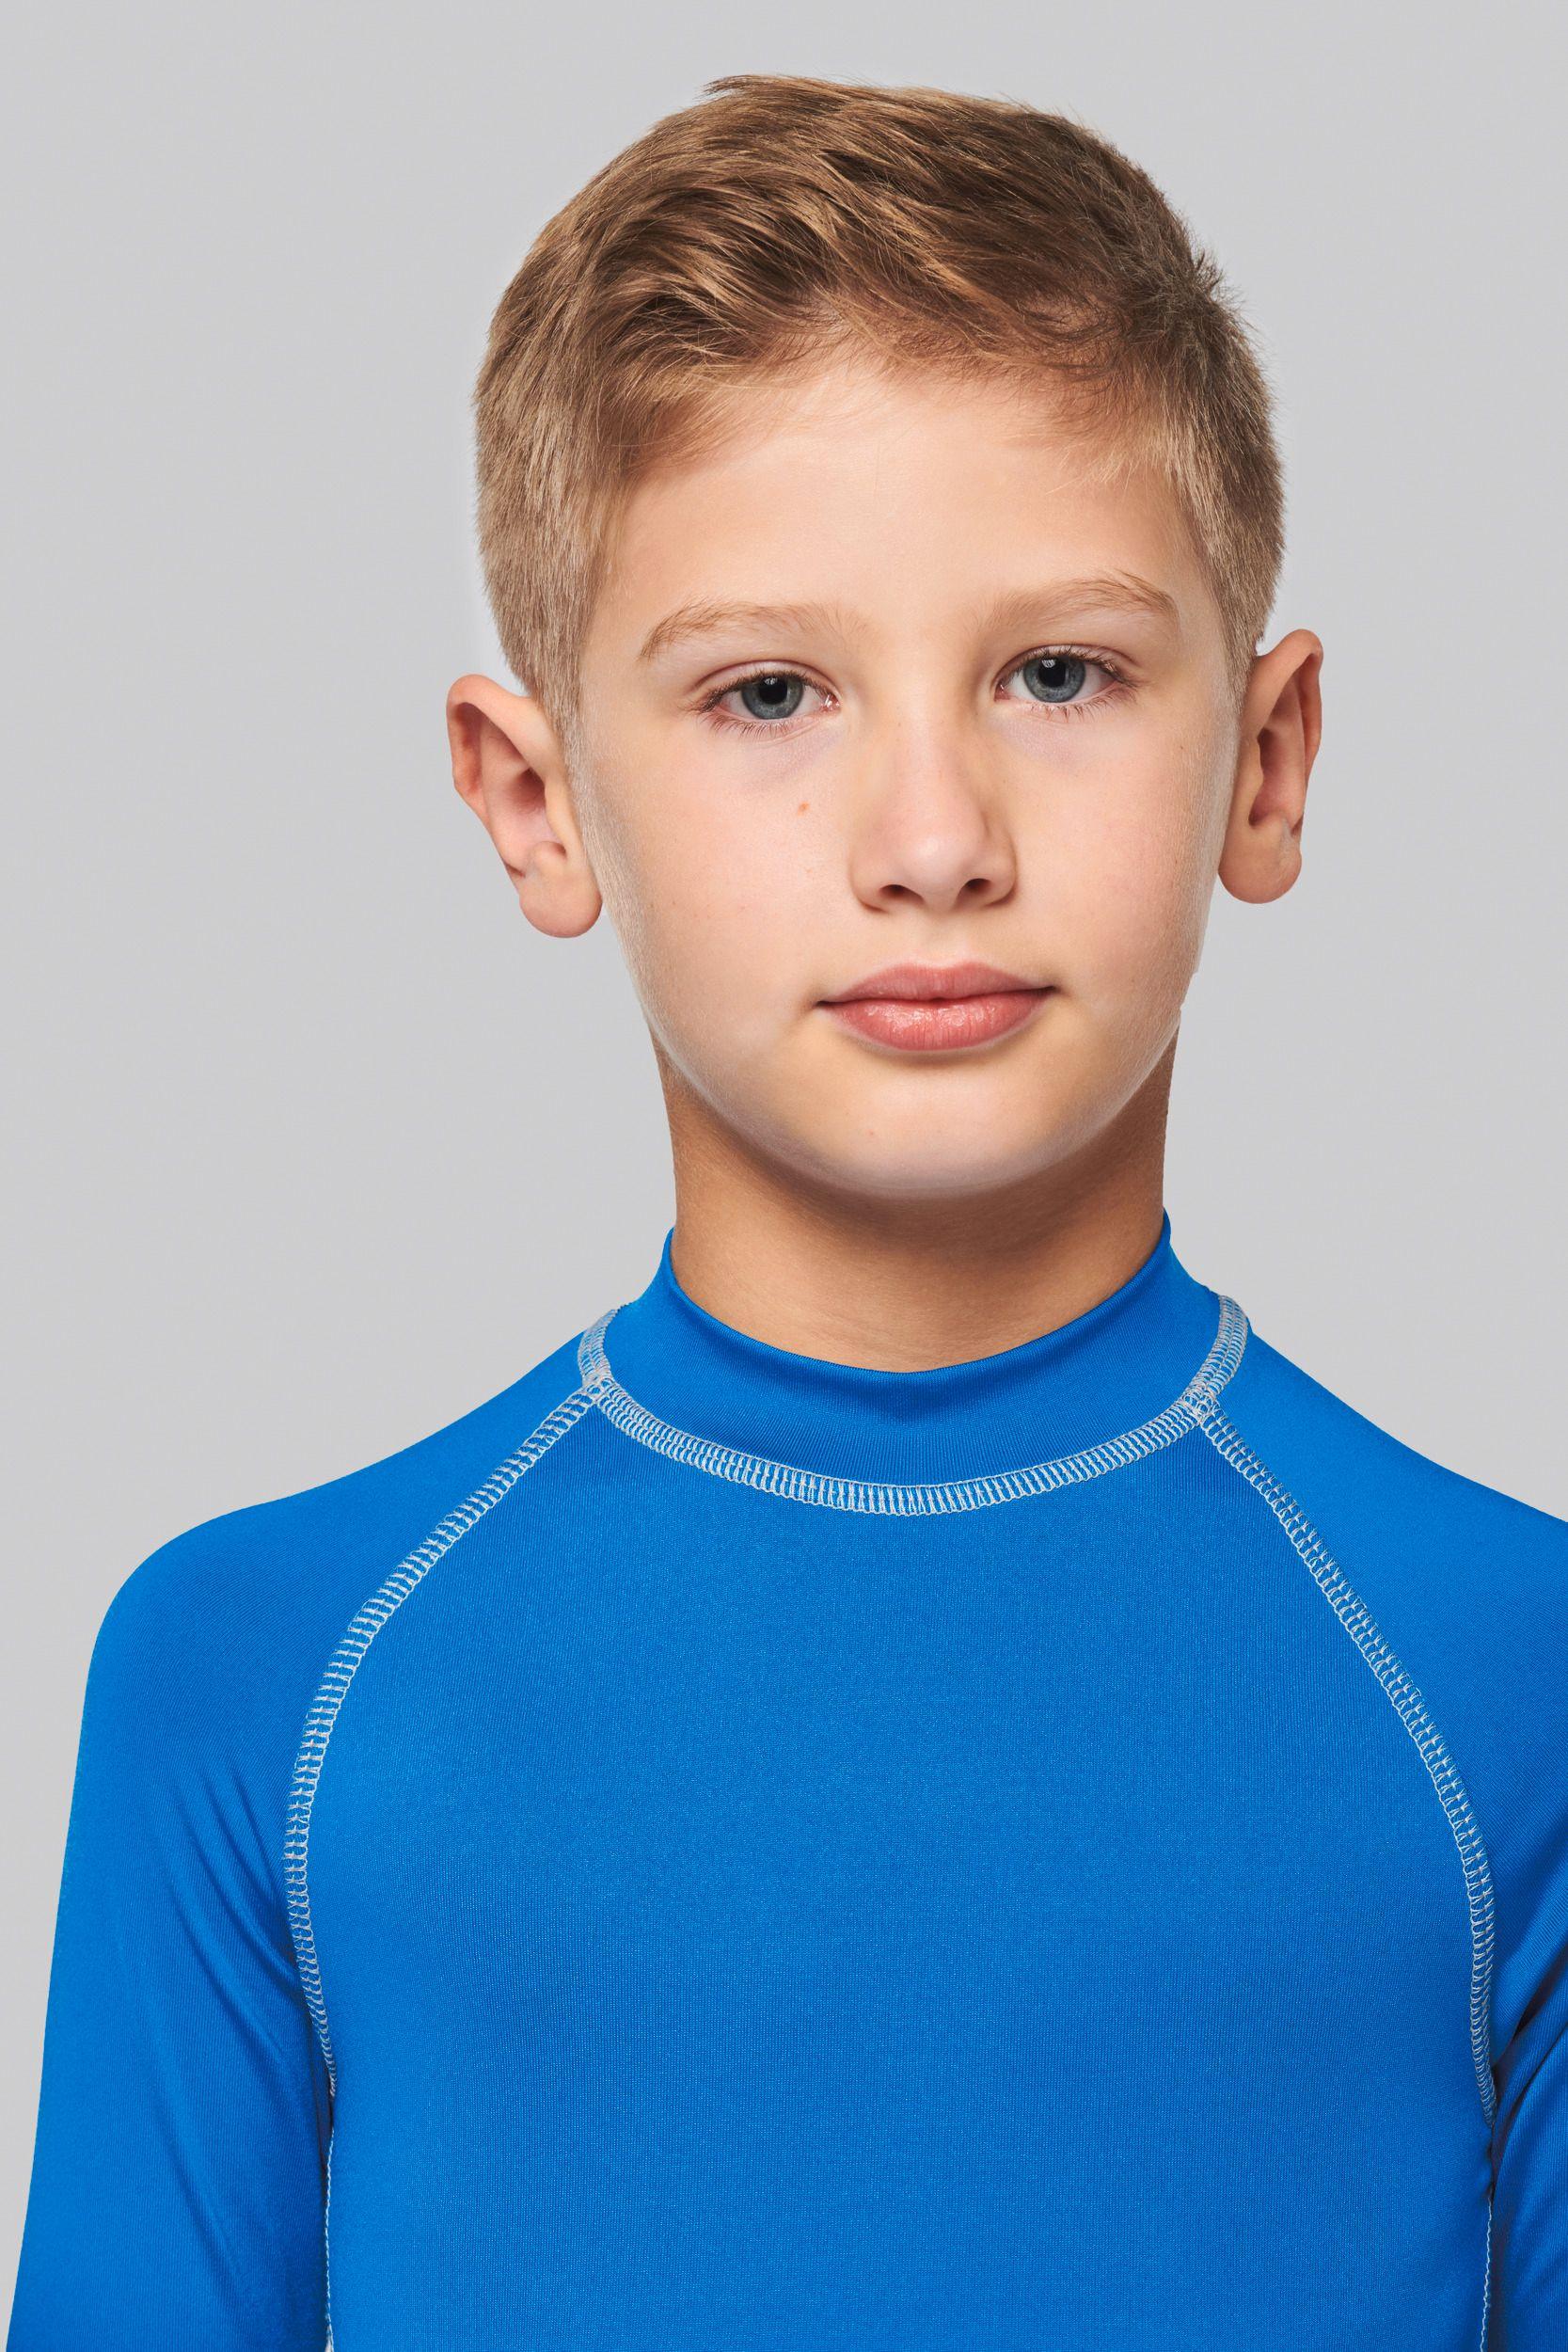 Dětské tričko proti slunci s UV filtrem